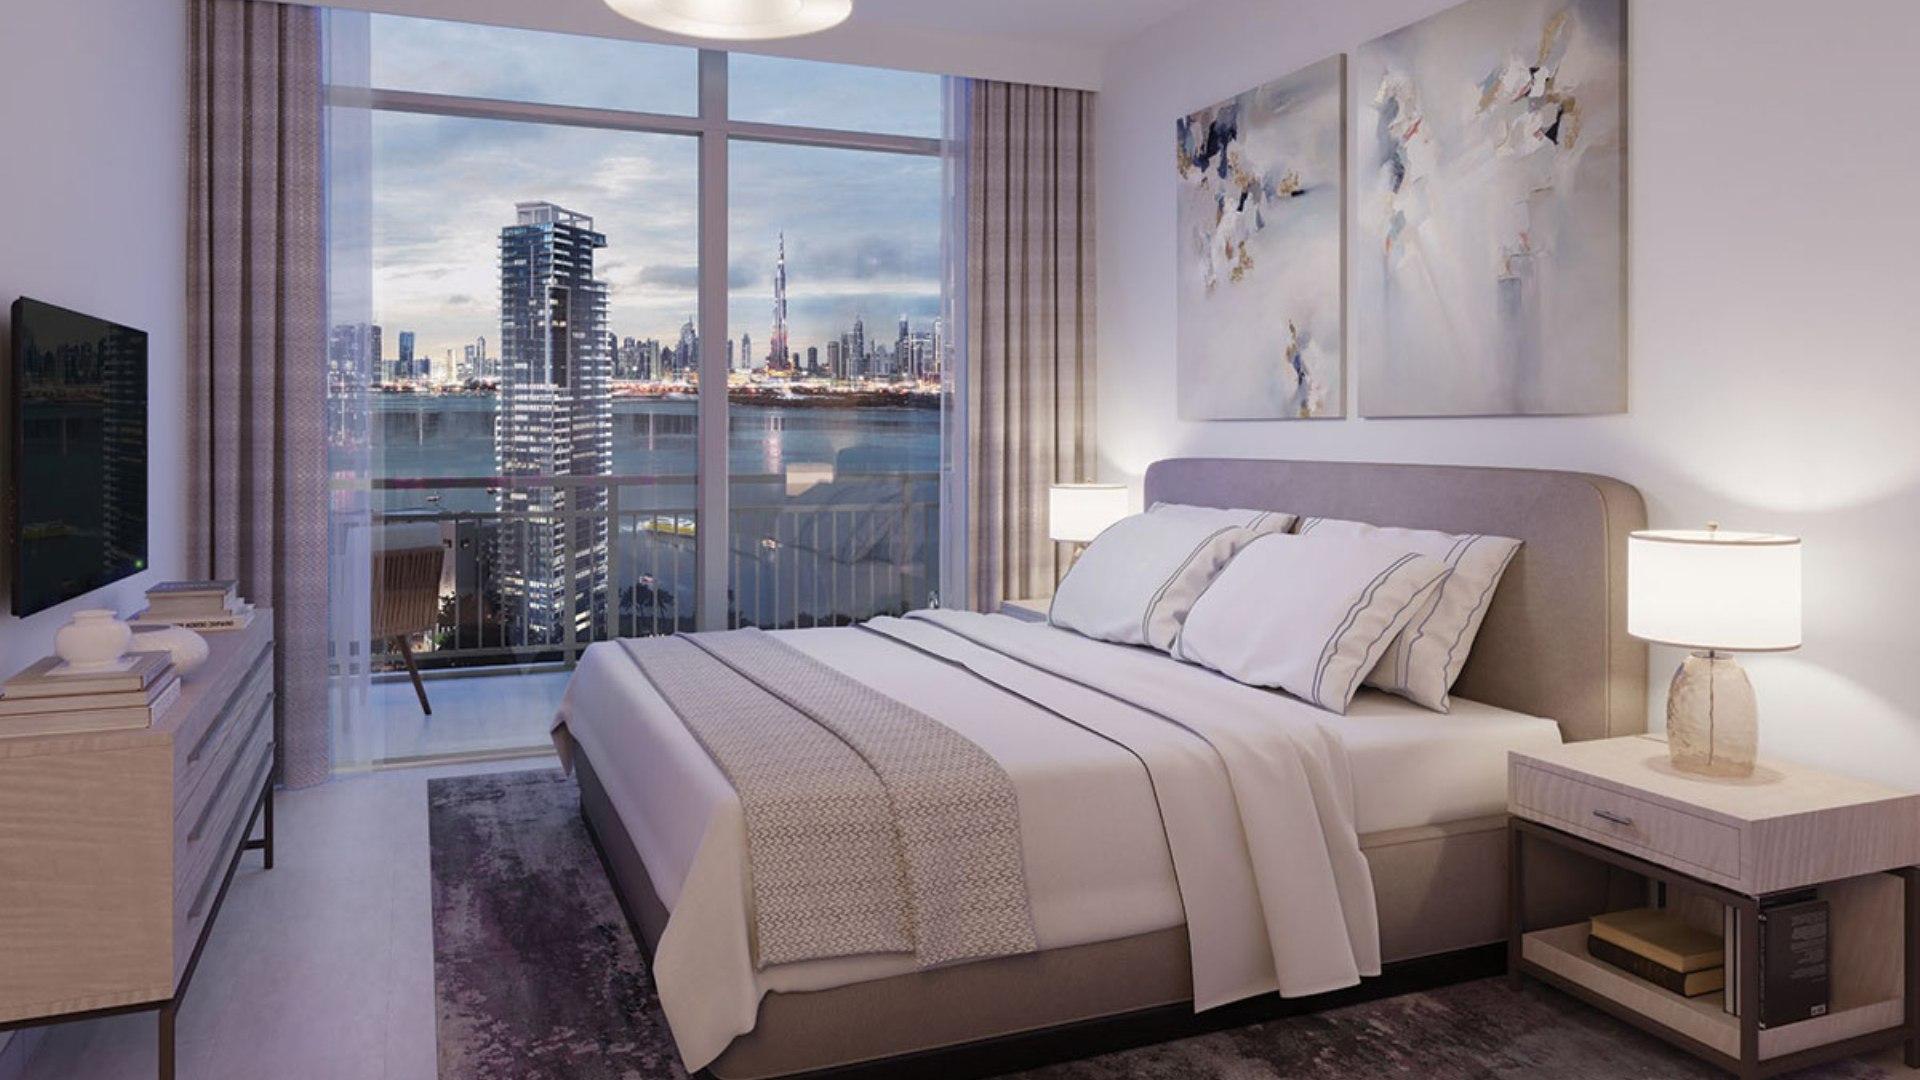 Apartamento en venta en Dubai, EAU, 1 dormitorio, 76 m2, № 24630 – foto 1